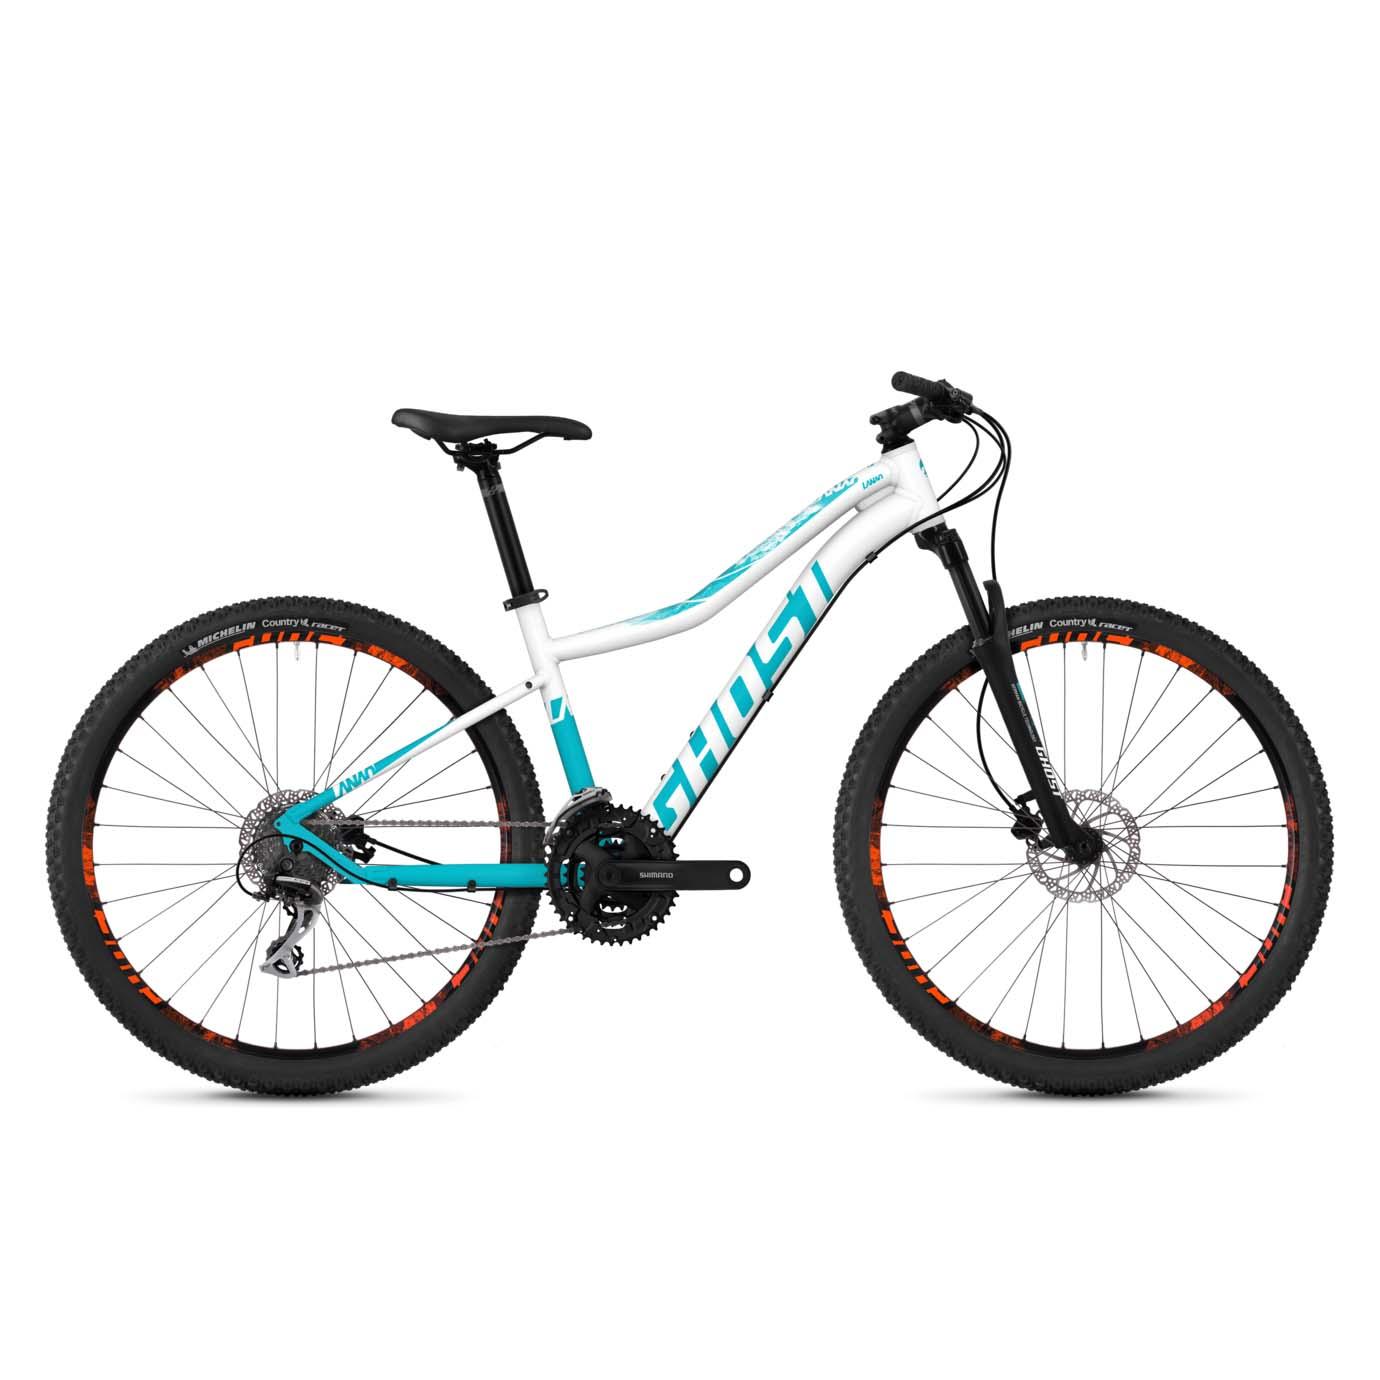 Фото Велосипед Ghost Lanao 2.7 27.5″  ,  рама S, 2019